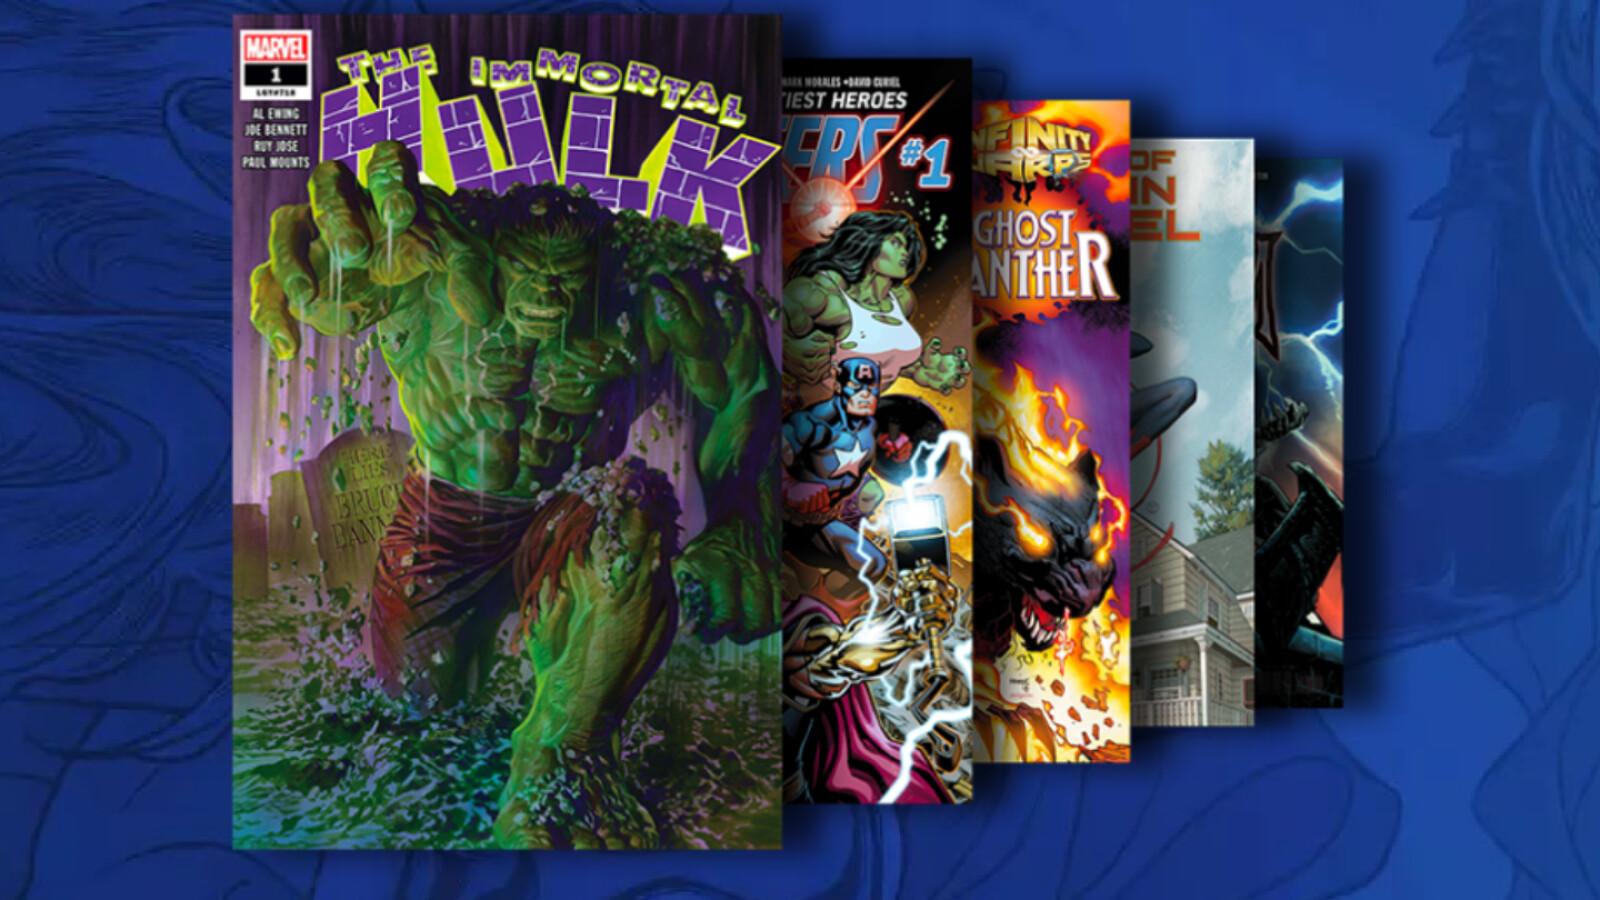 Rund 200 Marvel-Comics kostenlos lesen: App bringt euch Spider-Man, Avengers und Co.